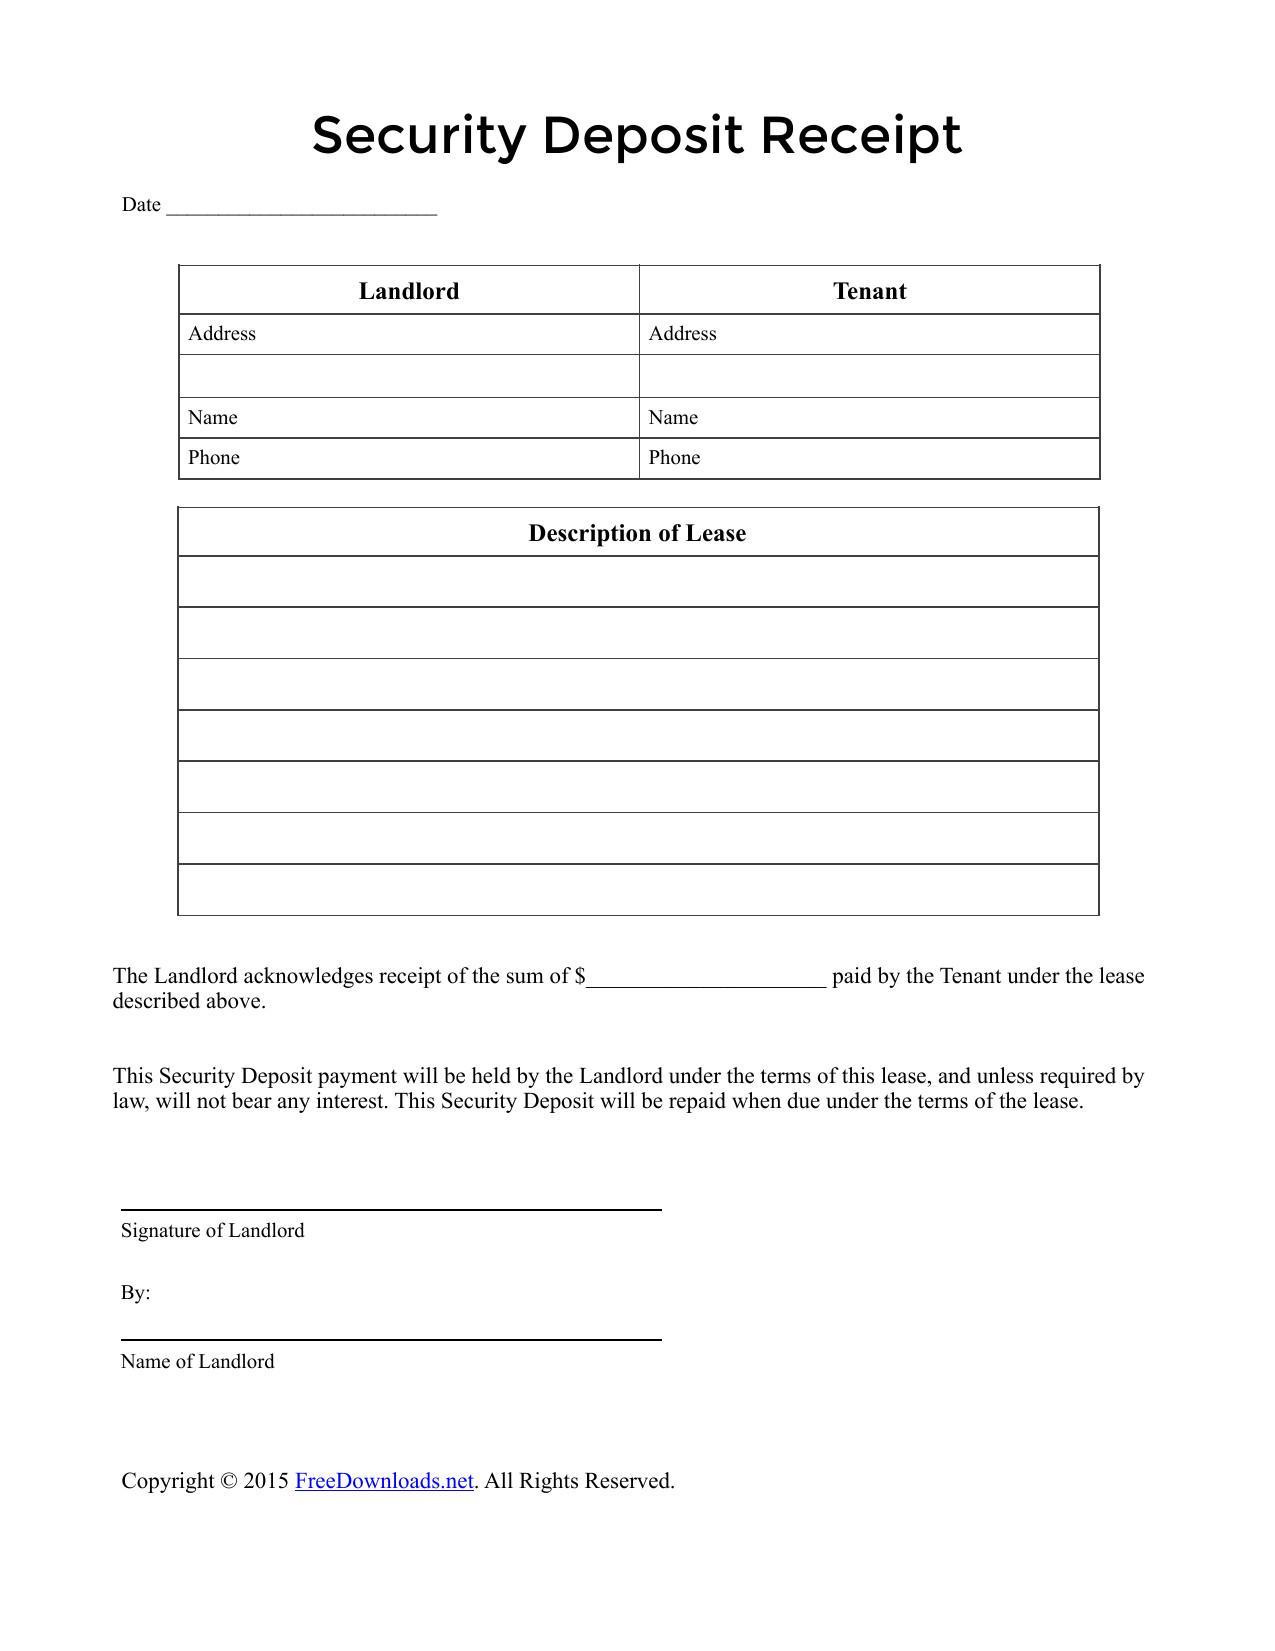 Security Deposit Receipt Template 002 Template Ideas Security Deposit Rental Payment Receipt